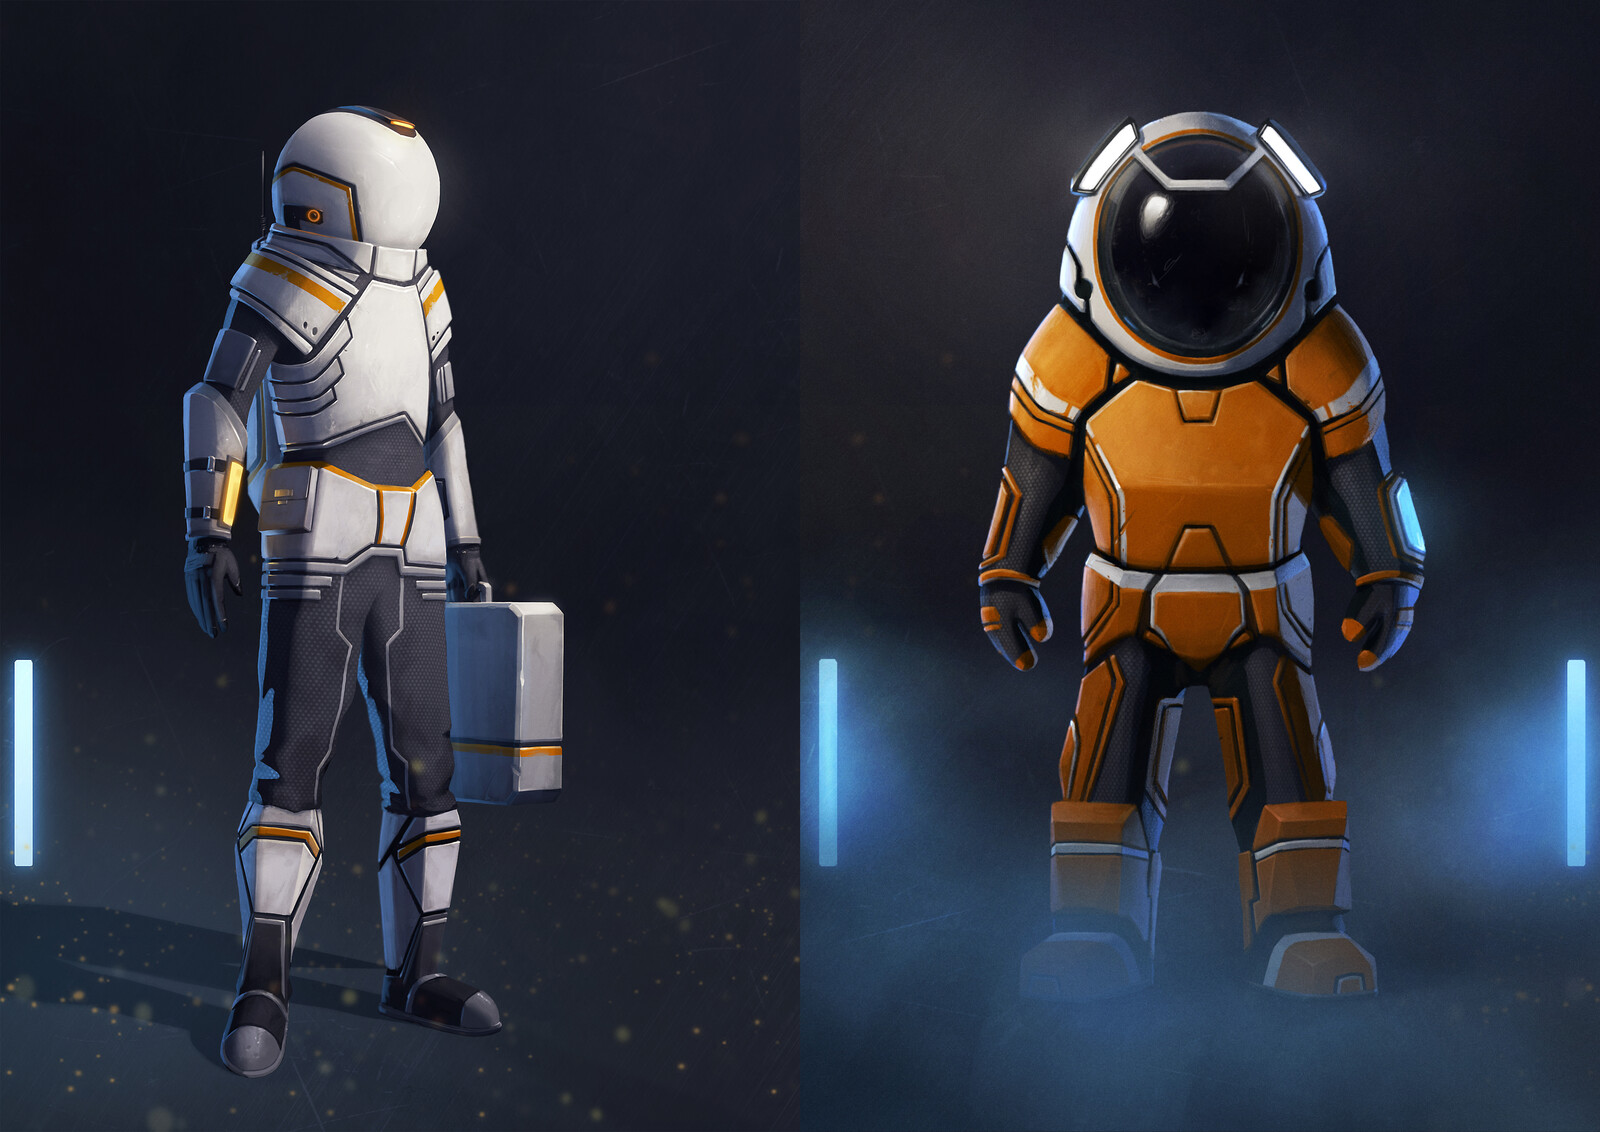 Exogate Initiative - Space exploration suits - concepts